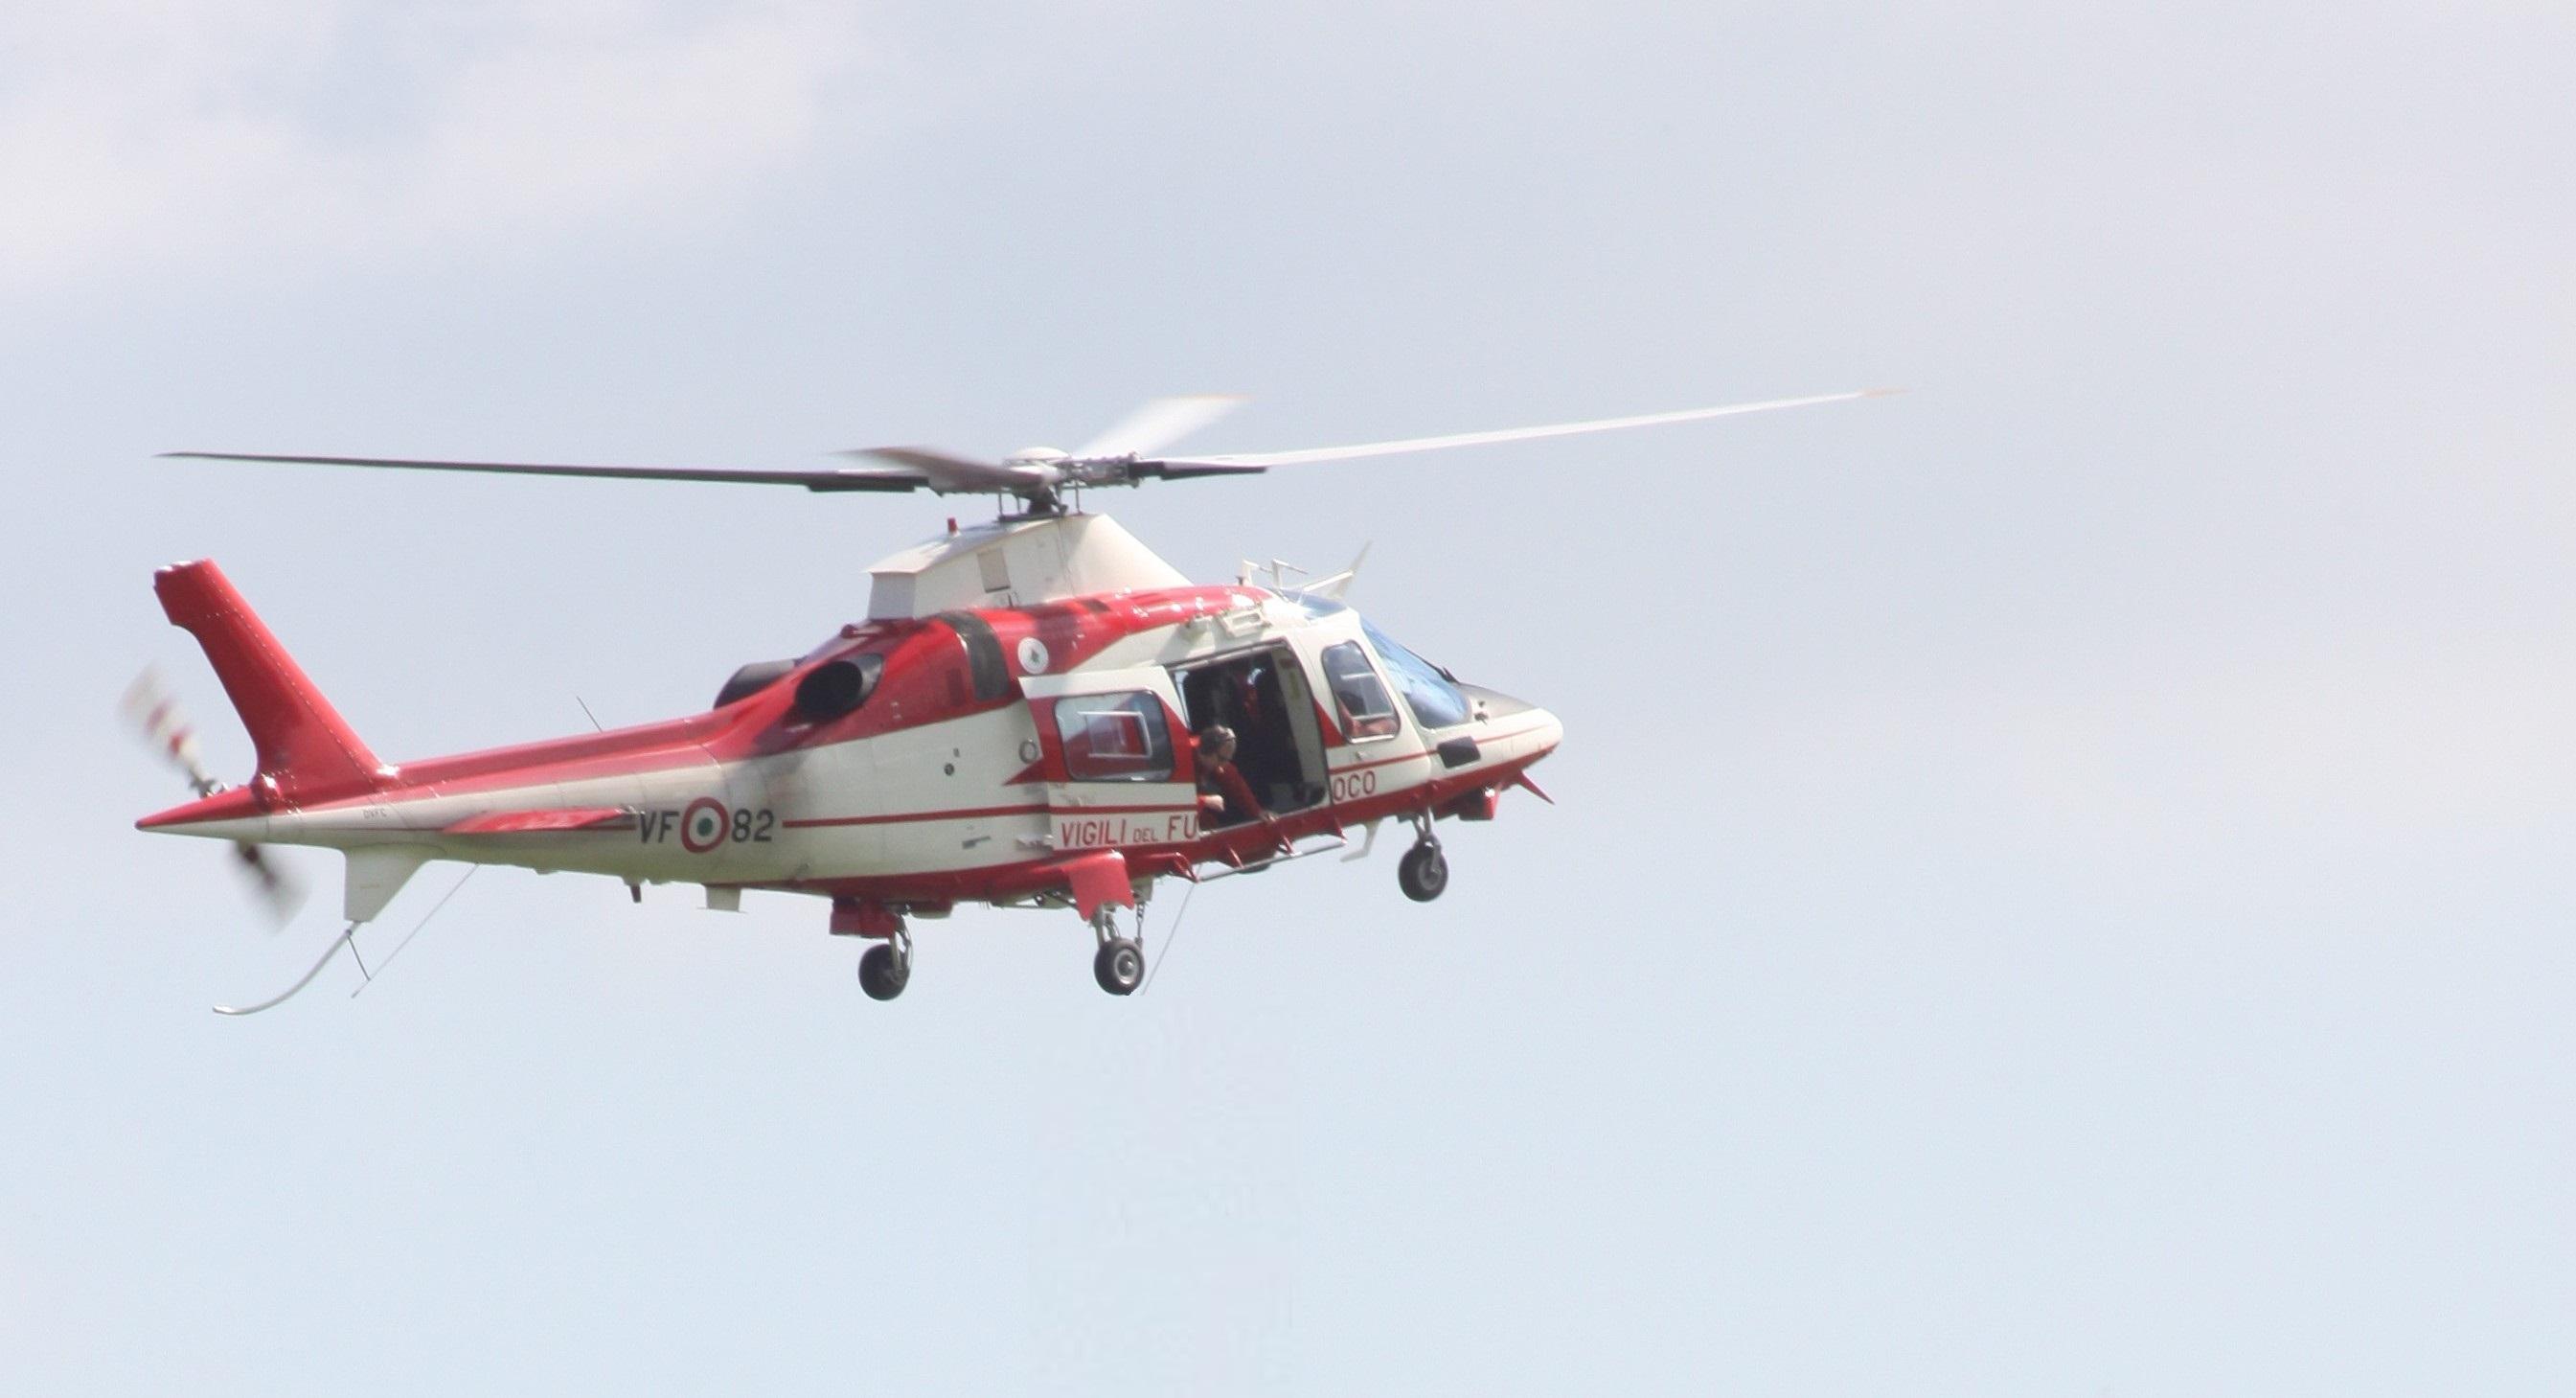 Elicottero Vigili Fuoco : Enne va a castagne e si perde comasira lo cercano